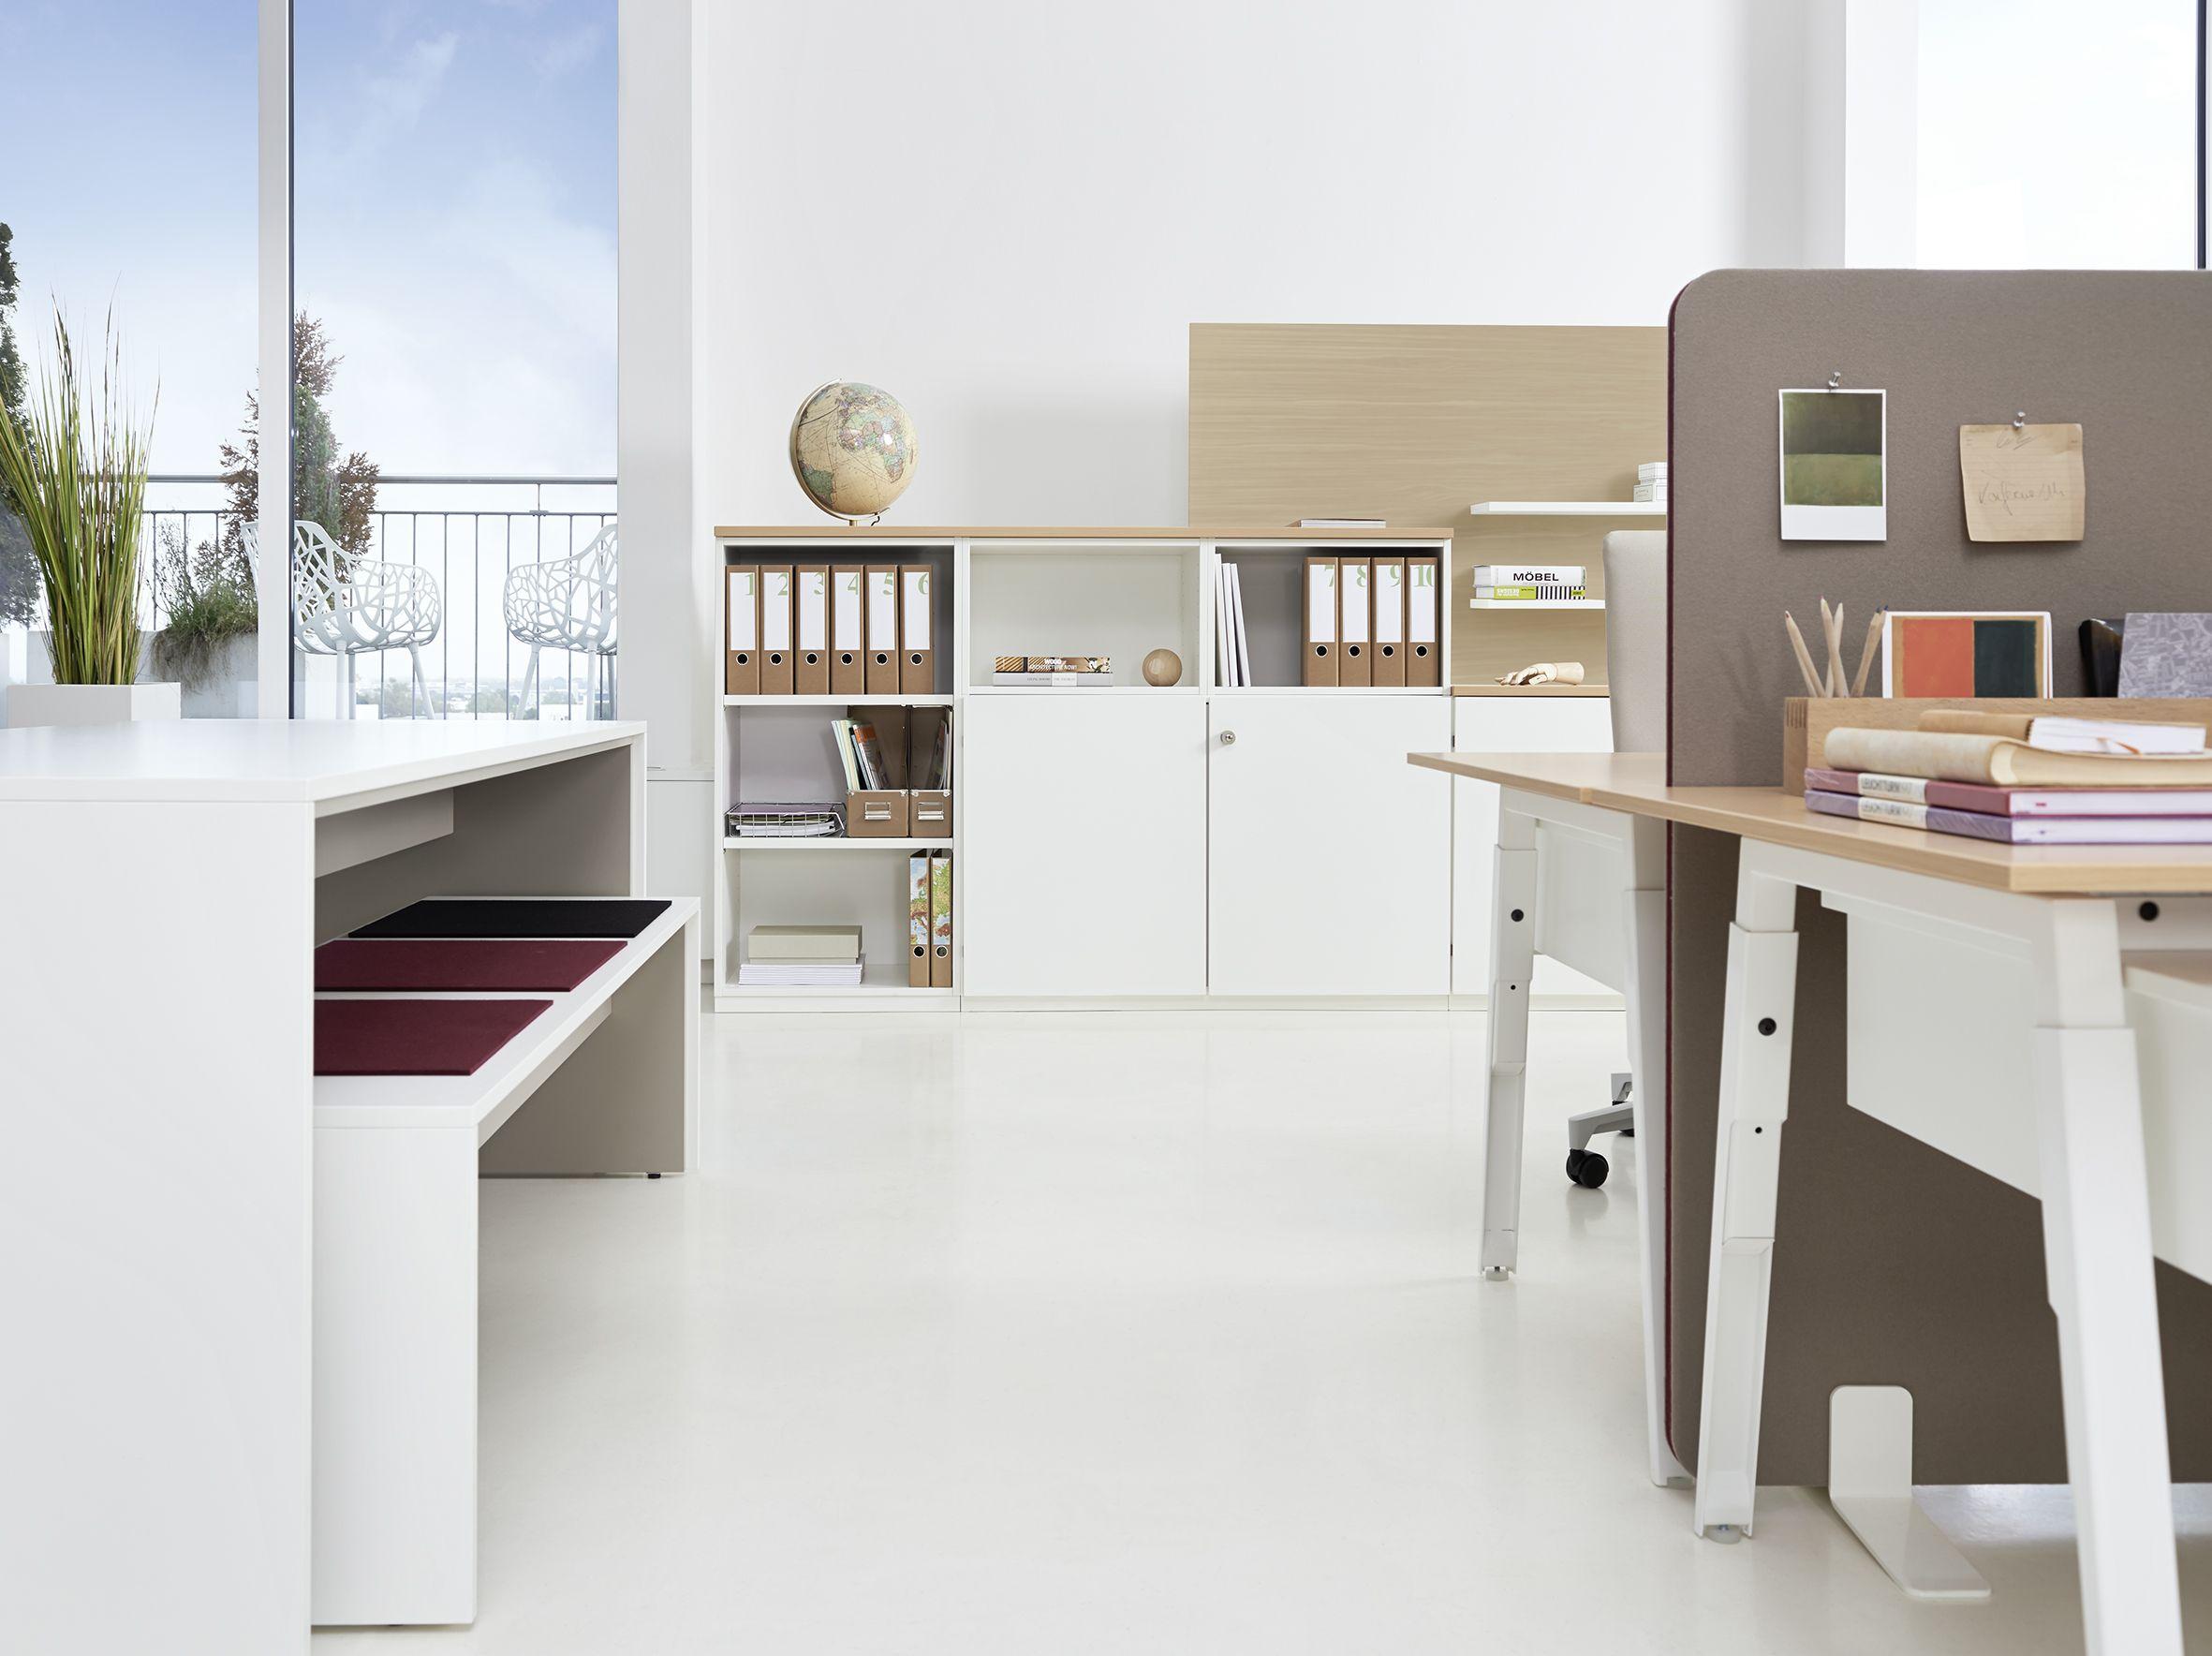 schrank von febr praktischen stauraum im b ro oder zuhause bieten die variablen schr nke von. Black Bedroom Furniture Sets. Home Design Ideas